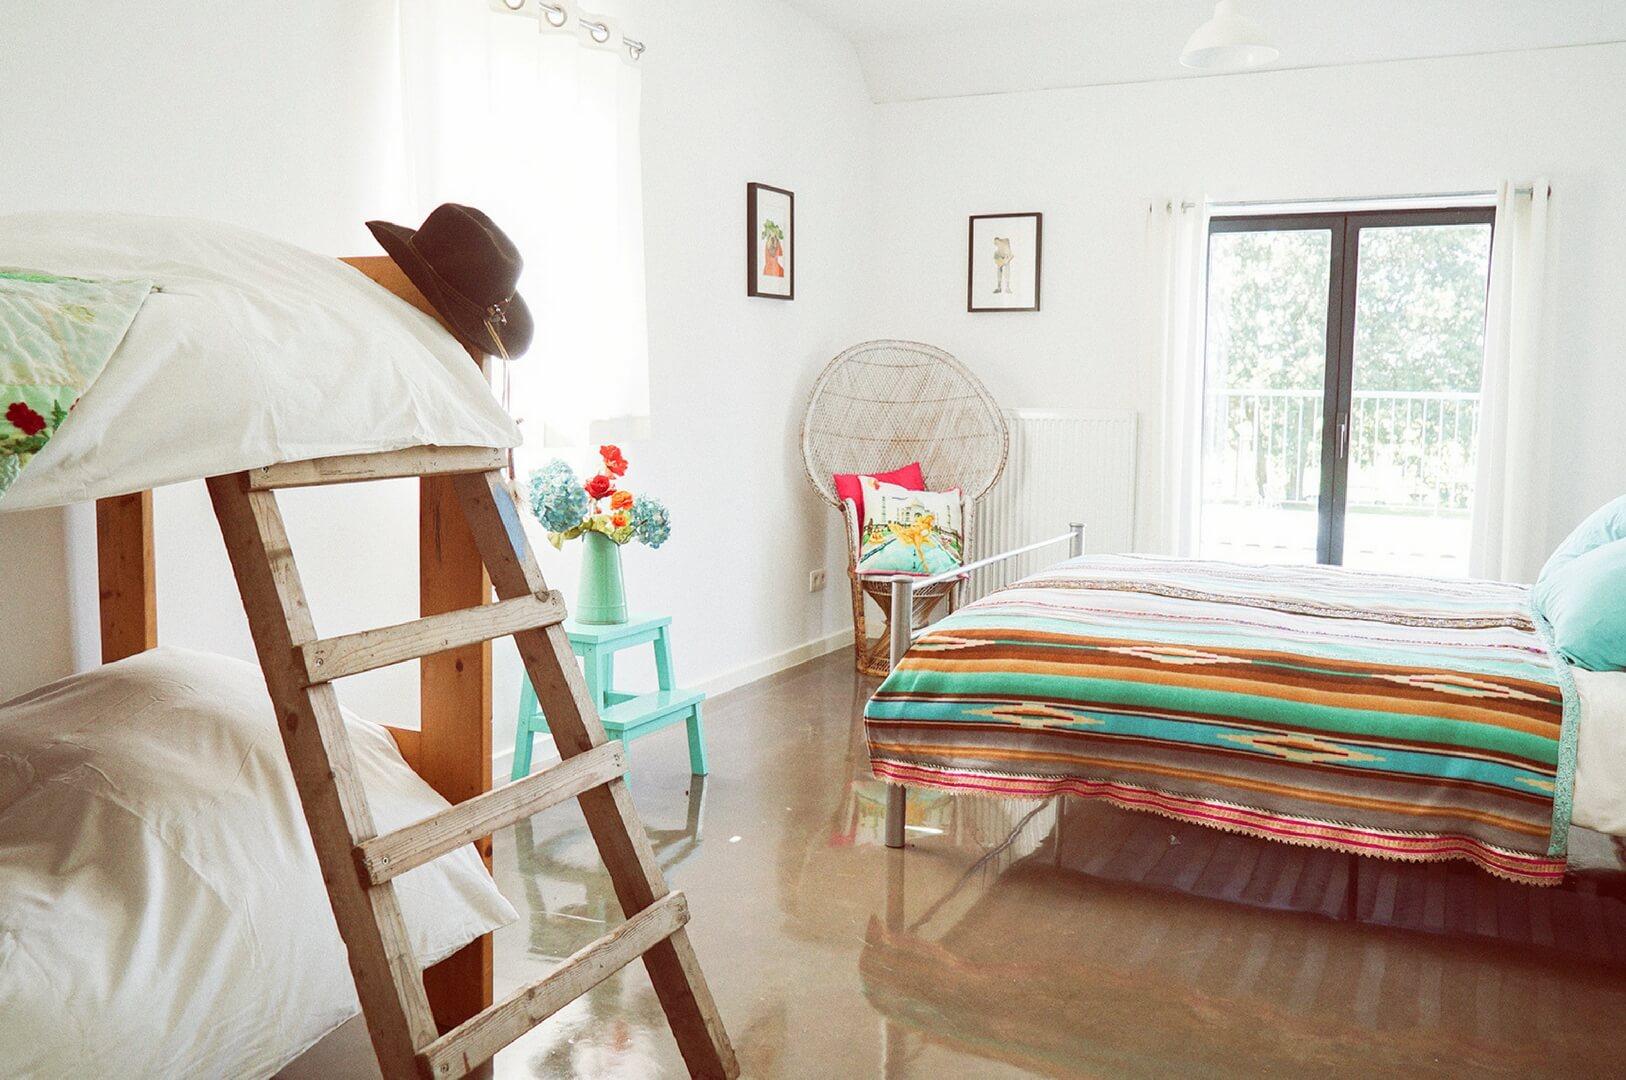 villapparte luxe vakantiehuis de lieshoeve arendonk groepsaccommodatie voor 12 personen slaapkamer5